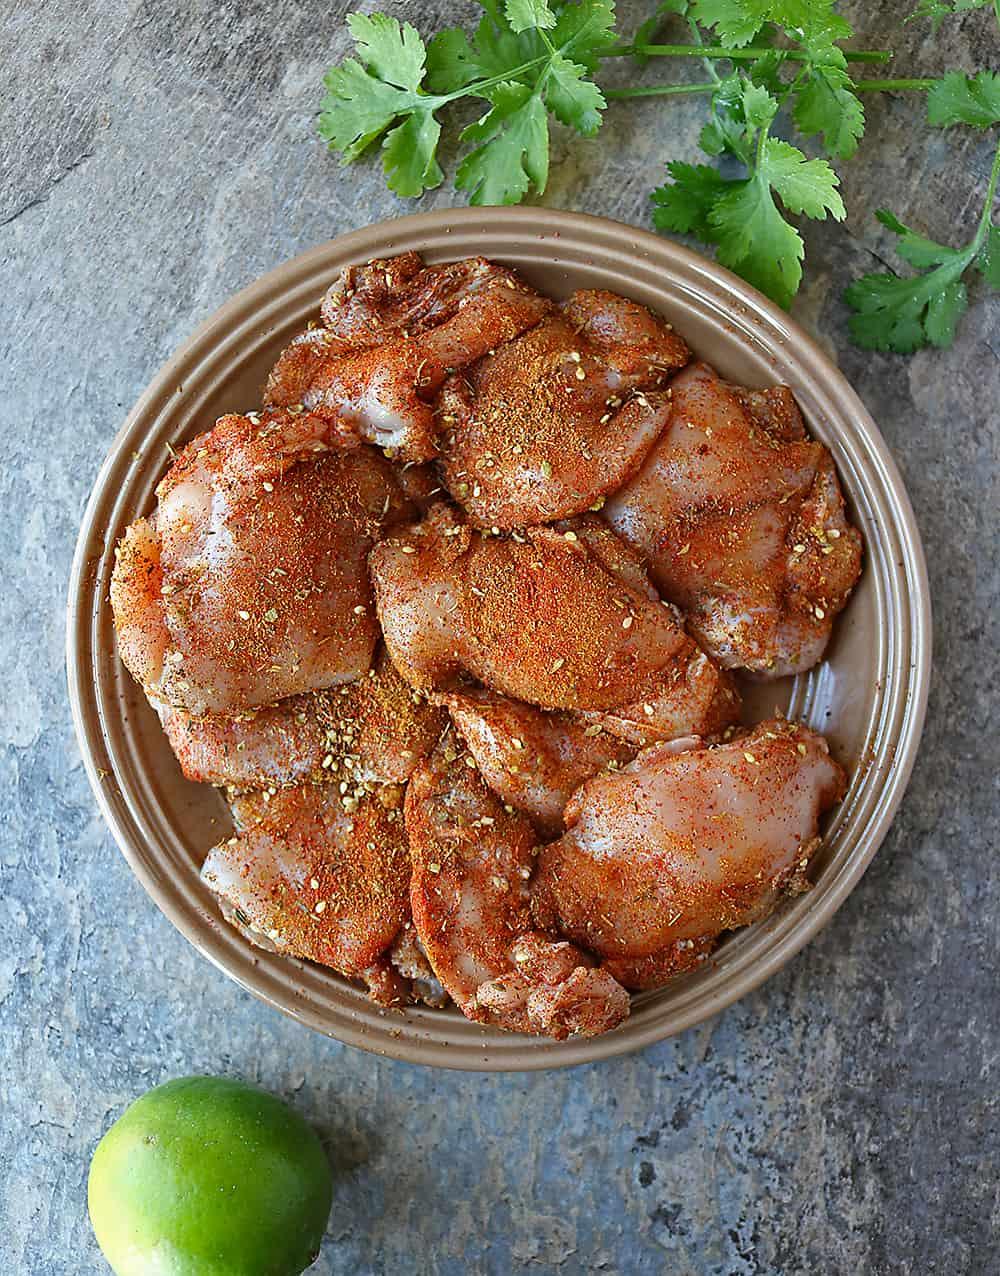 Preparing Easy delicious Za'atar Ras-el-hanout Chicken Spinach Dinner